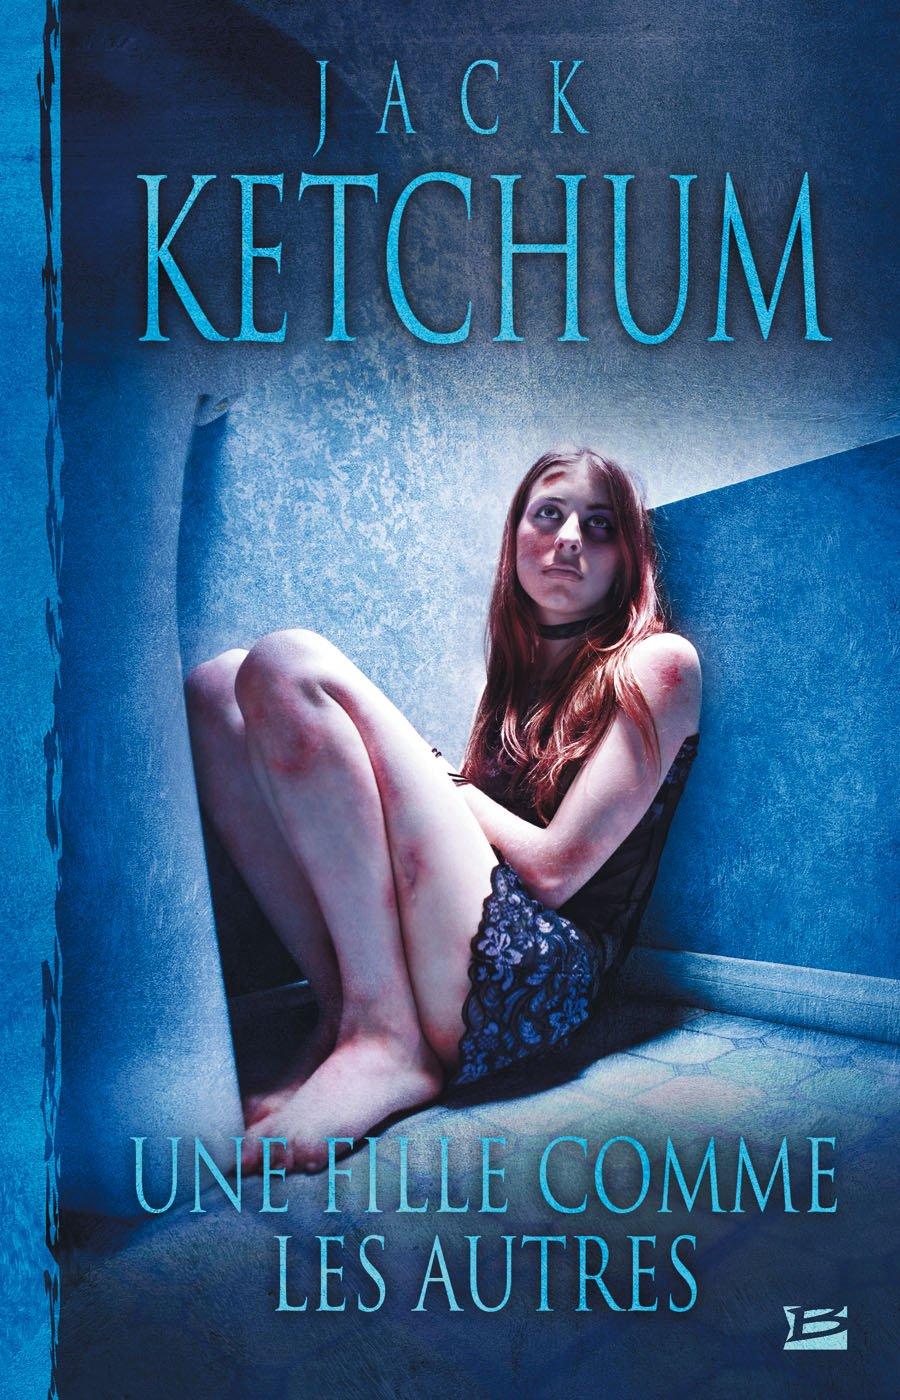 Amazon.fr - Une fille comme les autres - Jack Ketchum, Benoît Domis - Livres